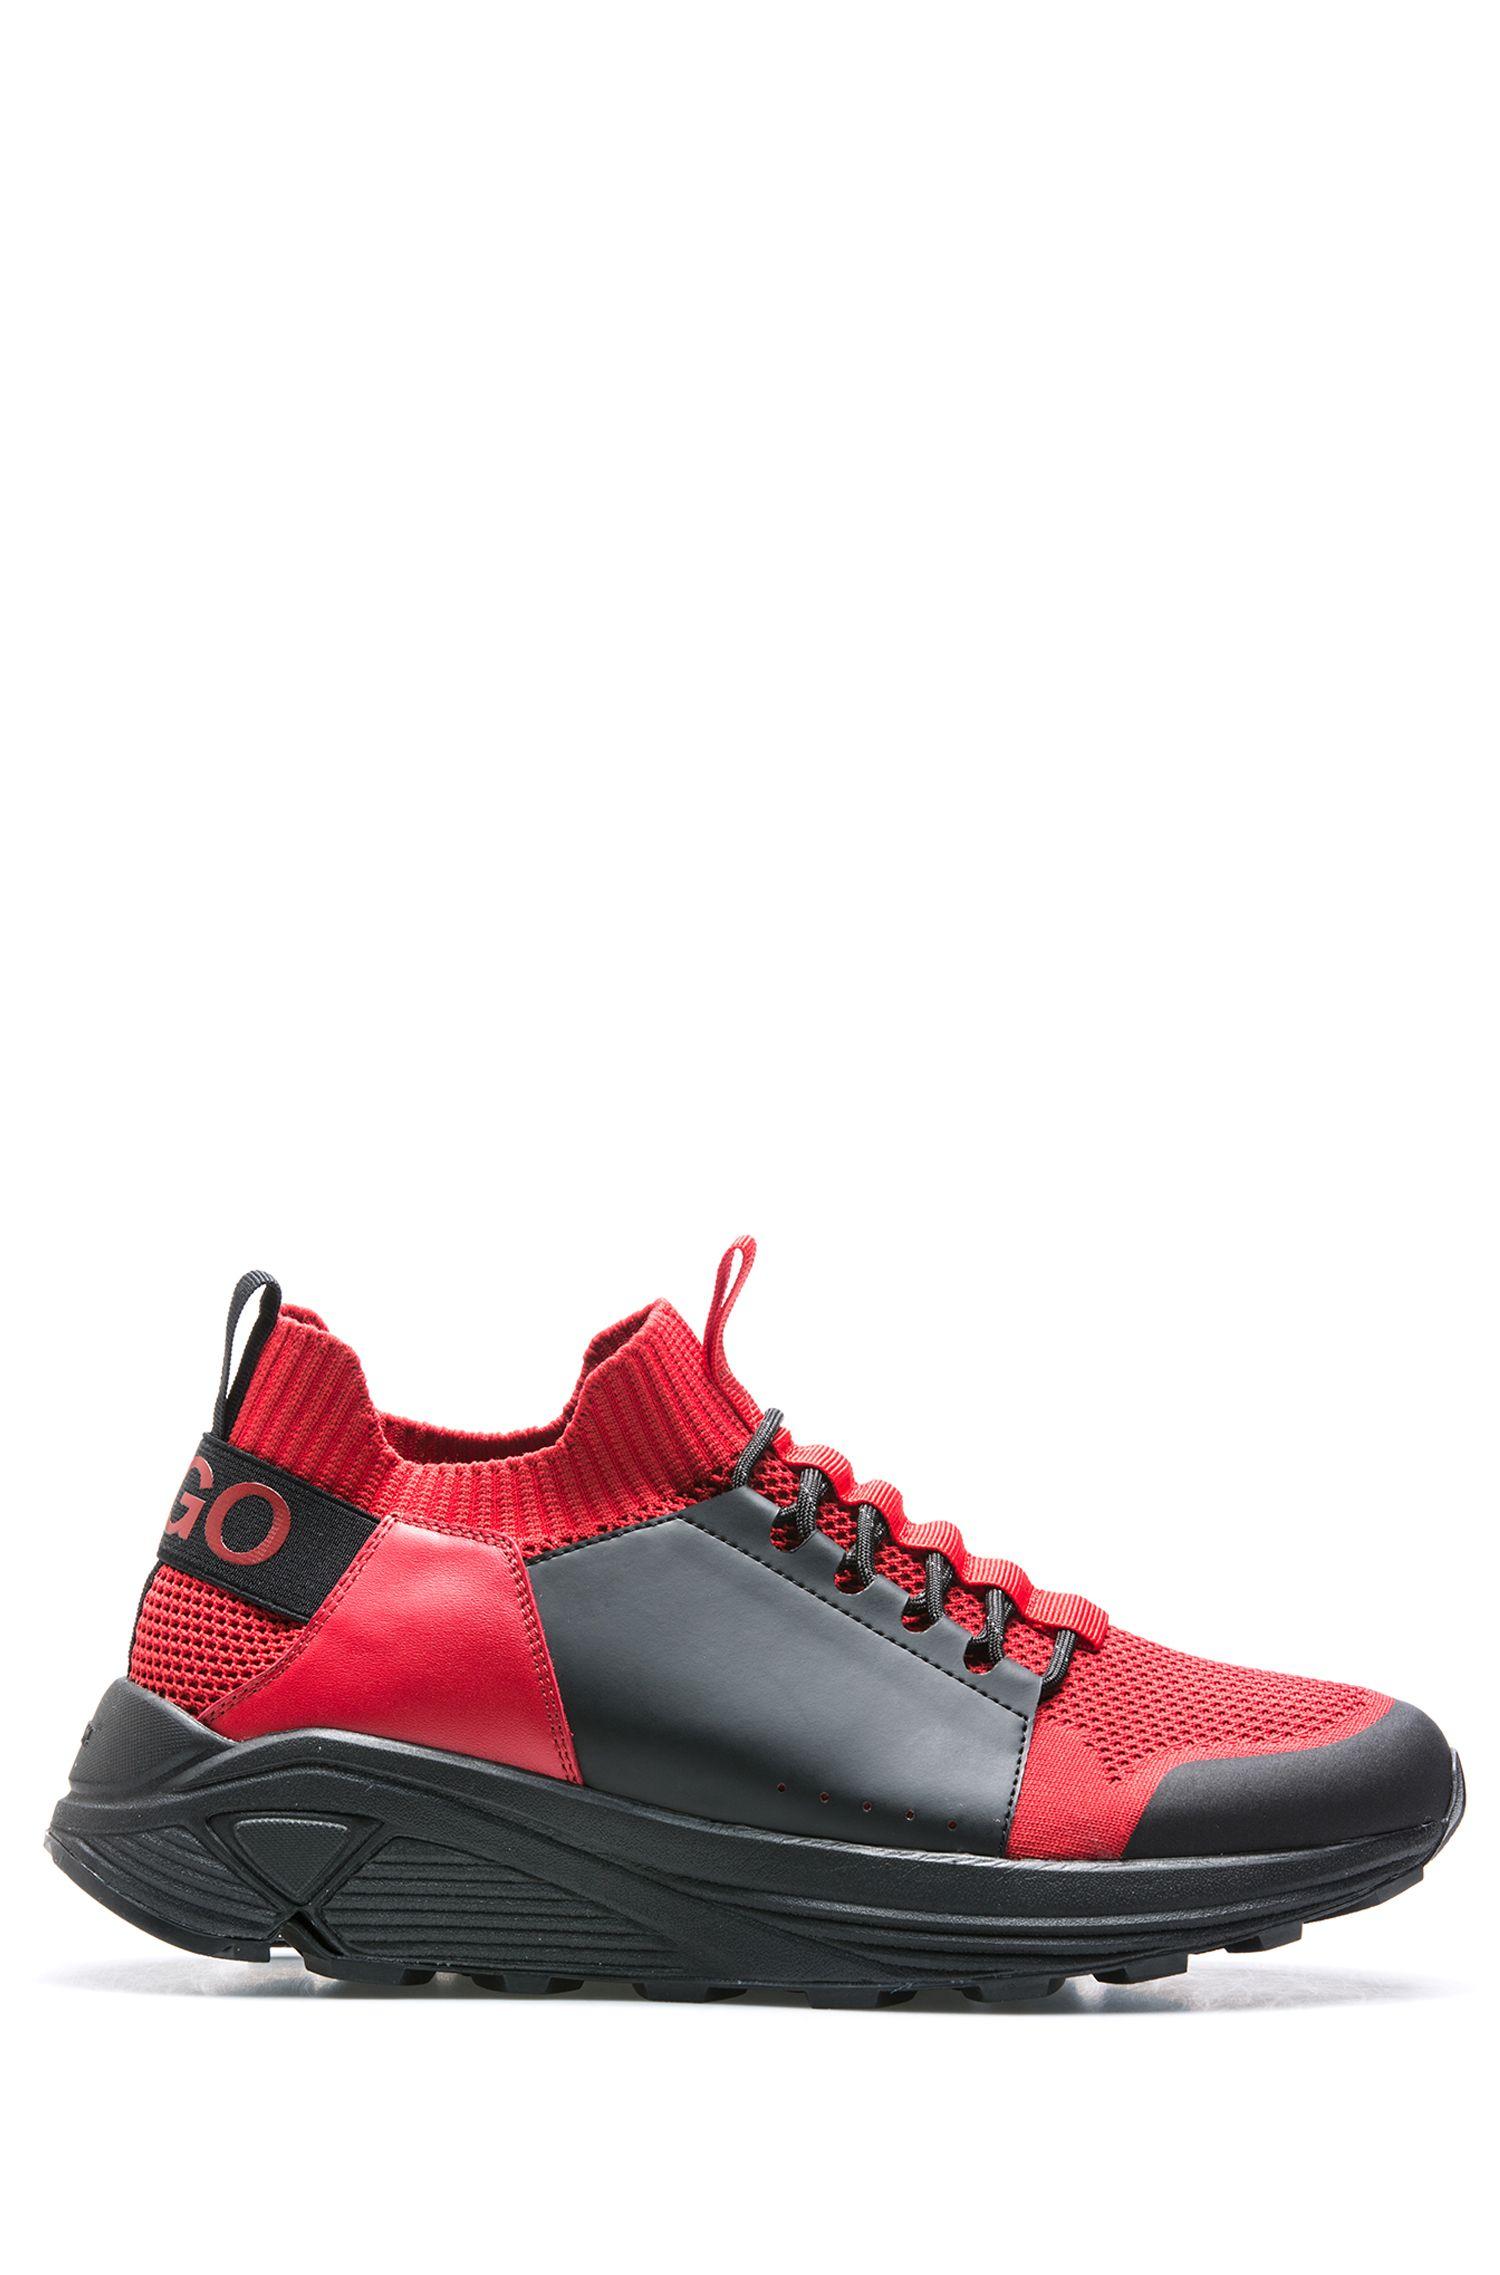 Baskets à lacets modernes avec semelle Vibram épaisse, Rouge sombre